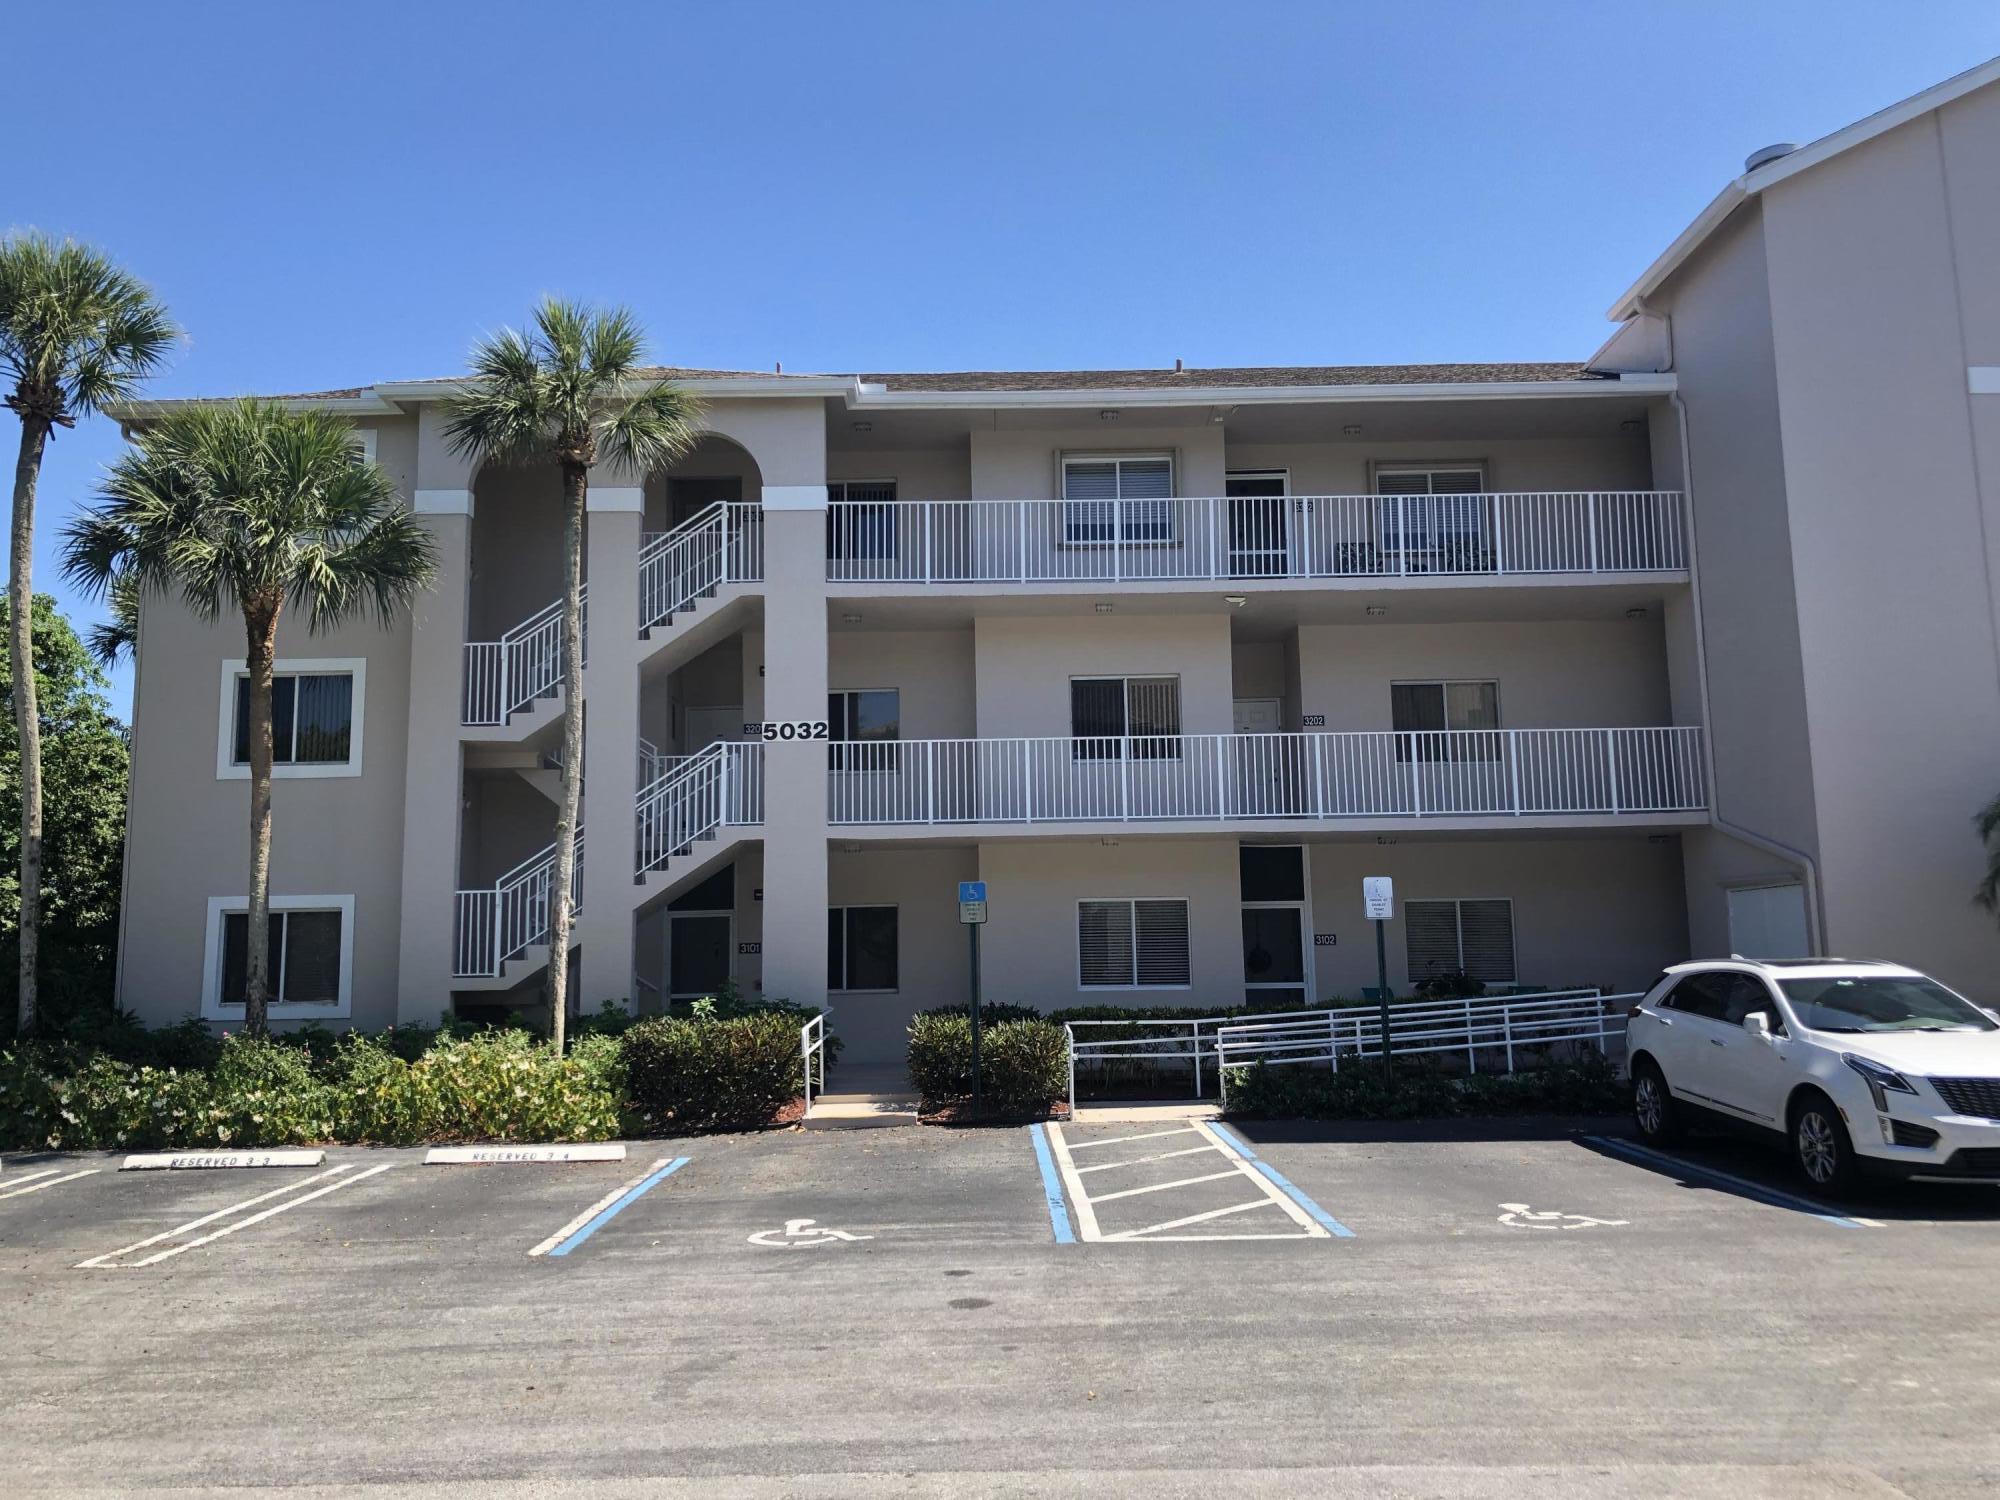 5032 Rose Hill Drive 3202 Boynton Beach, FL 33437